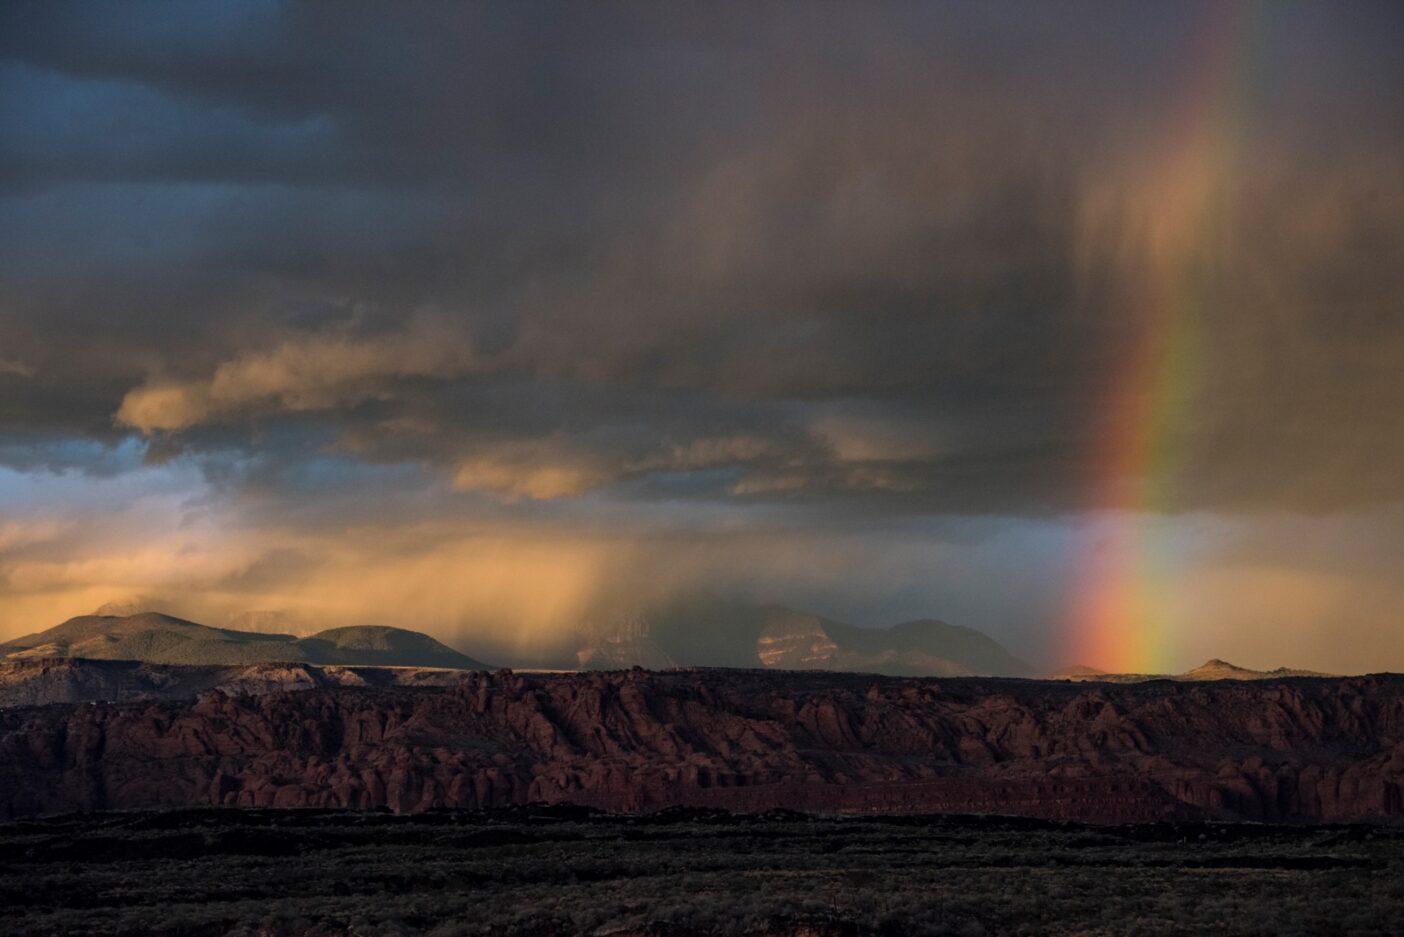 ユタ州セントジョージ付近の嵐と虹。Photo : Drew Smith